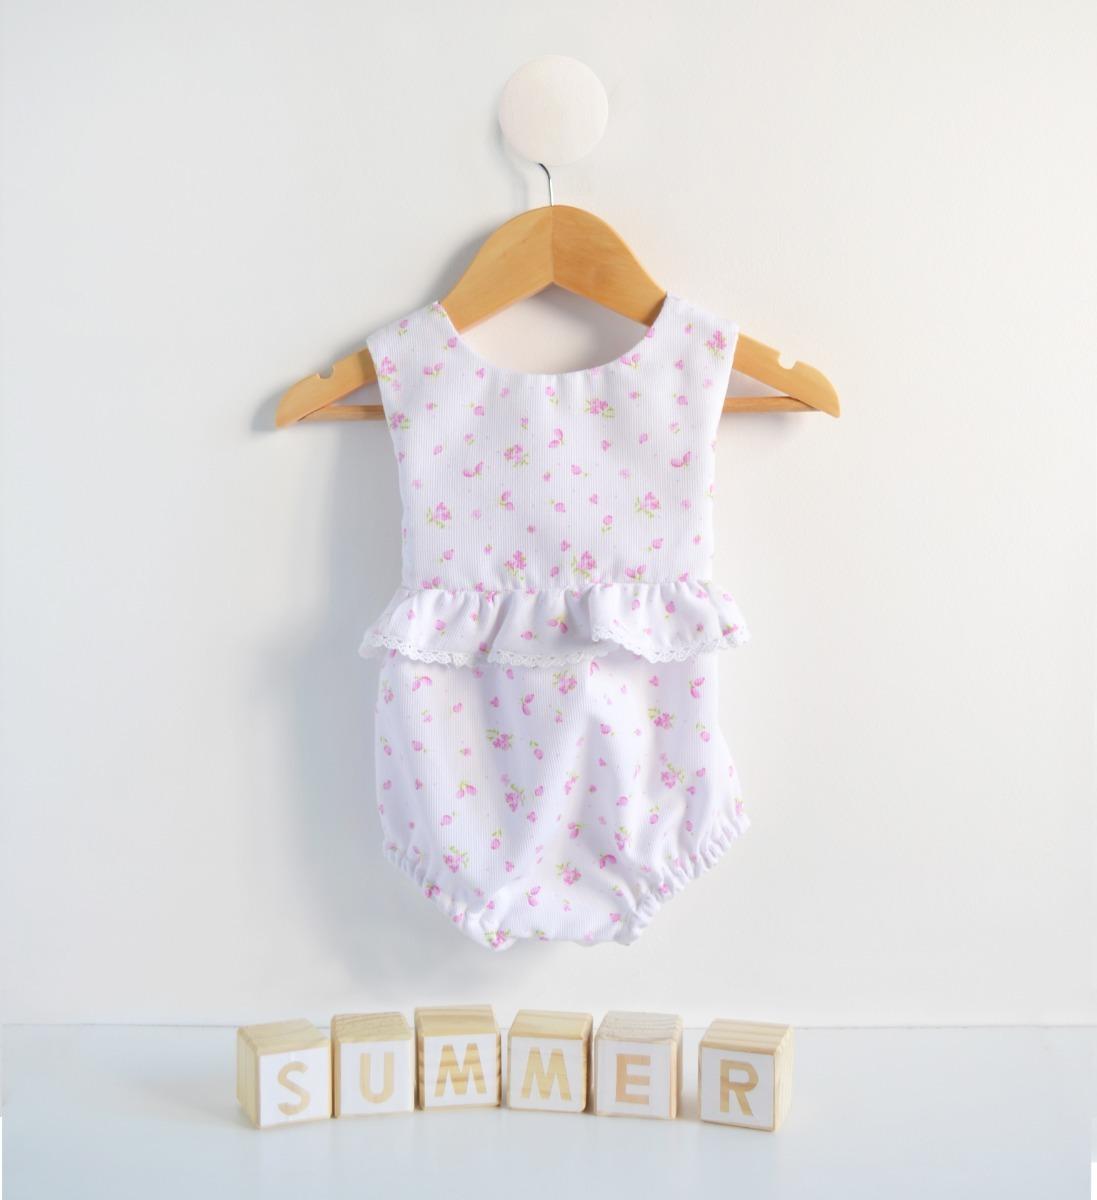 ee049617df8 Ropa Y Accesorios Para Bebes. Diseños Exclusivos -   990